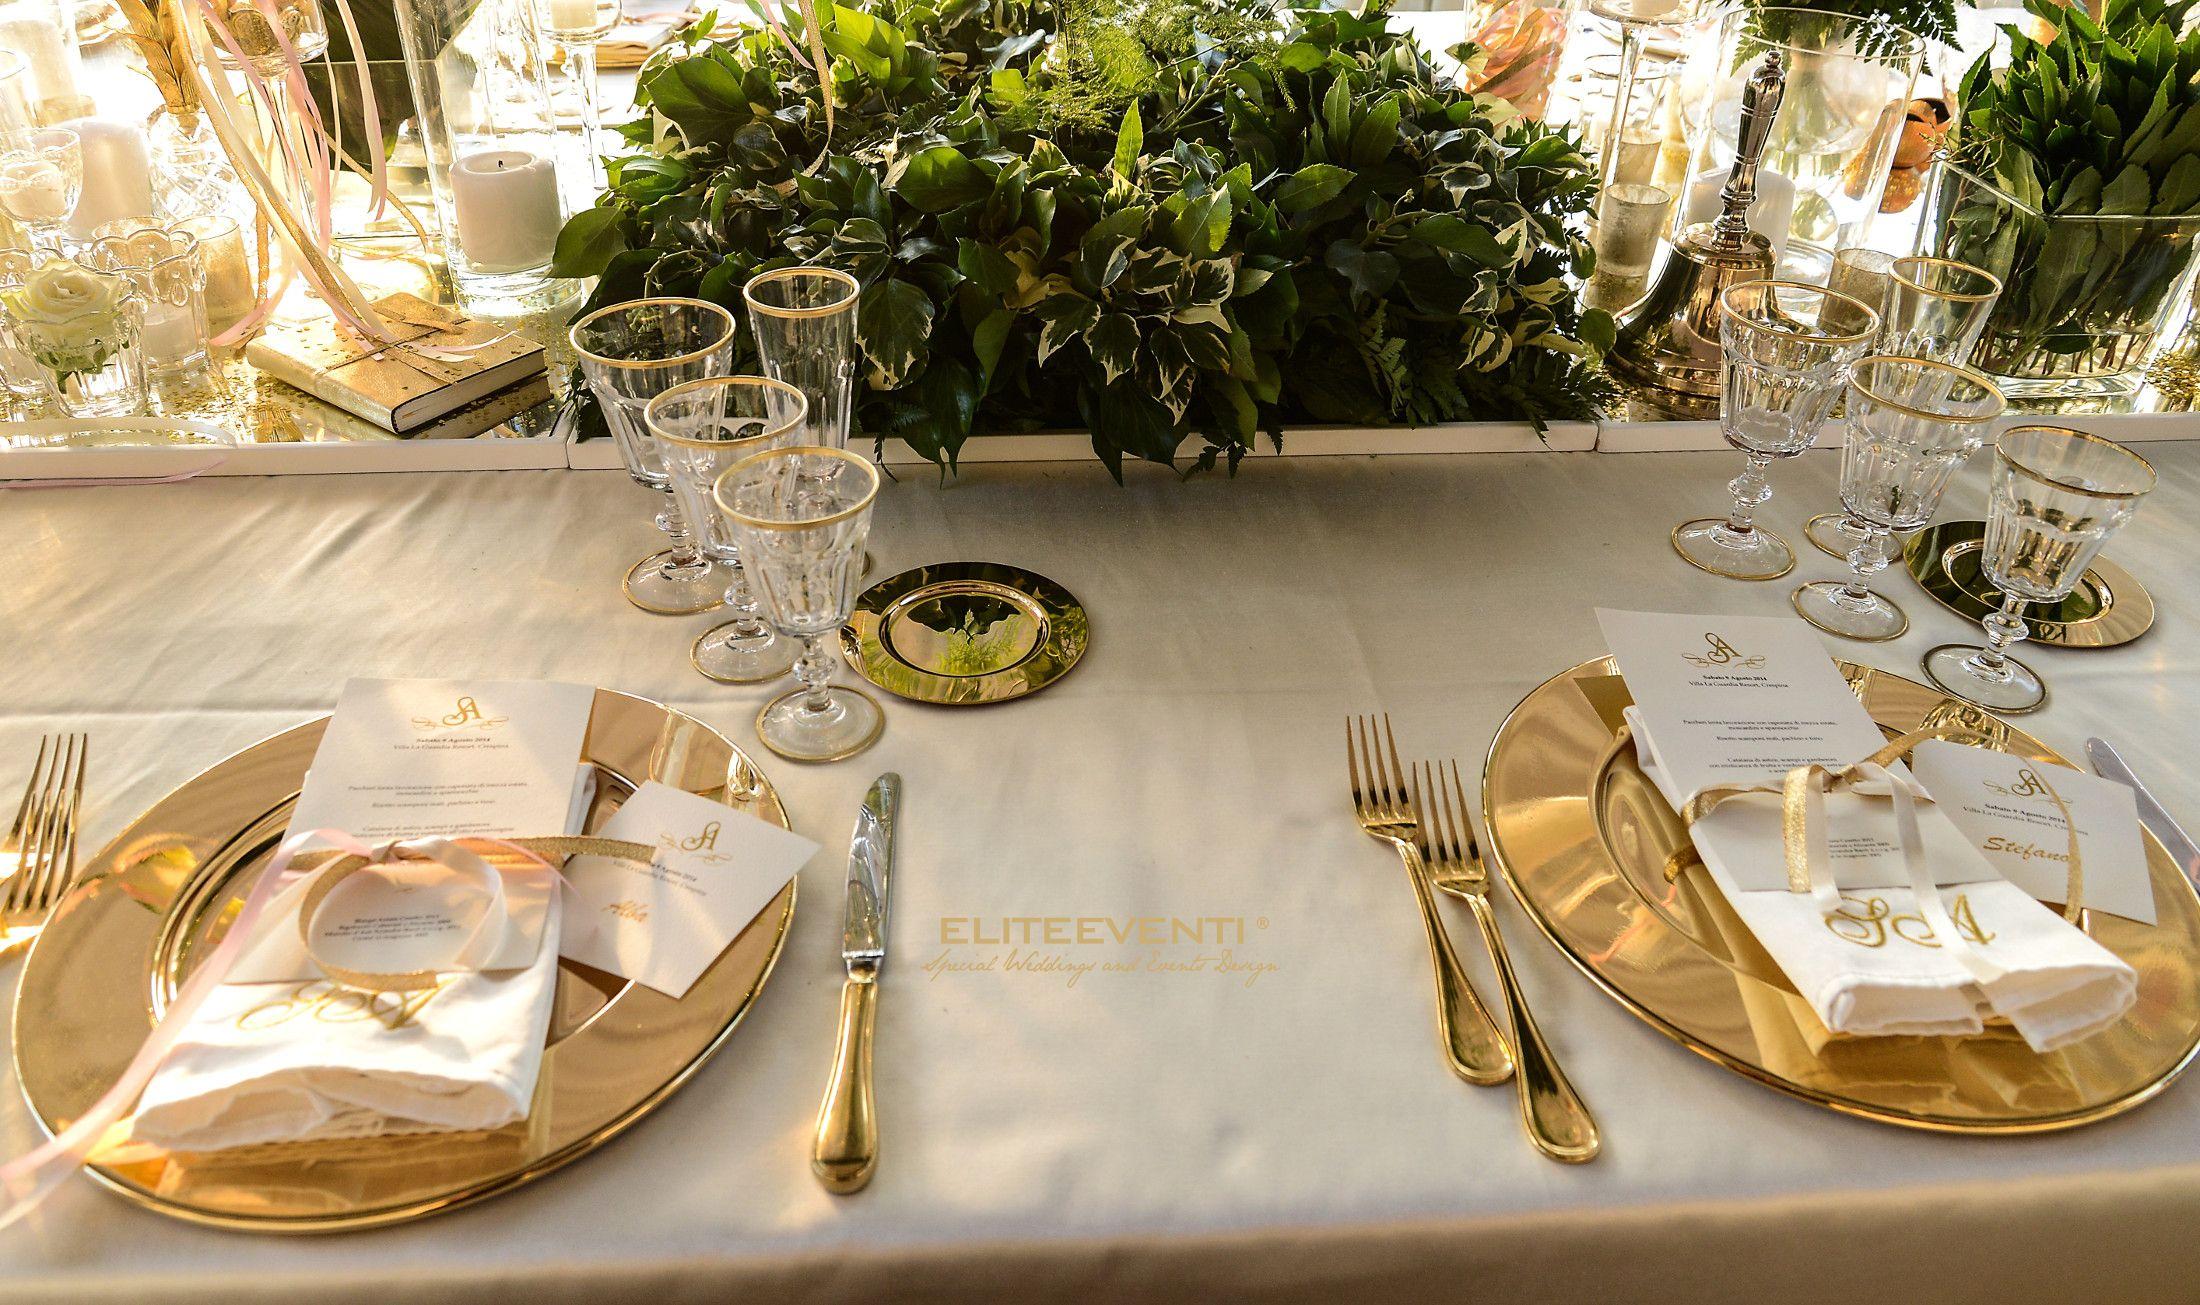 Matrimonio_in_Toscana_realizzato_da_eliteeventi